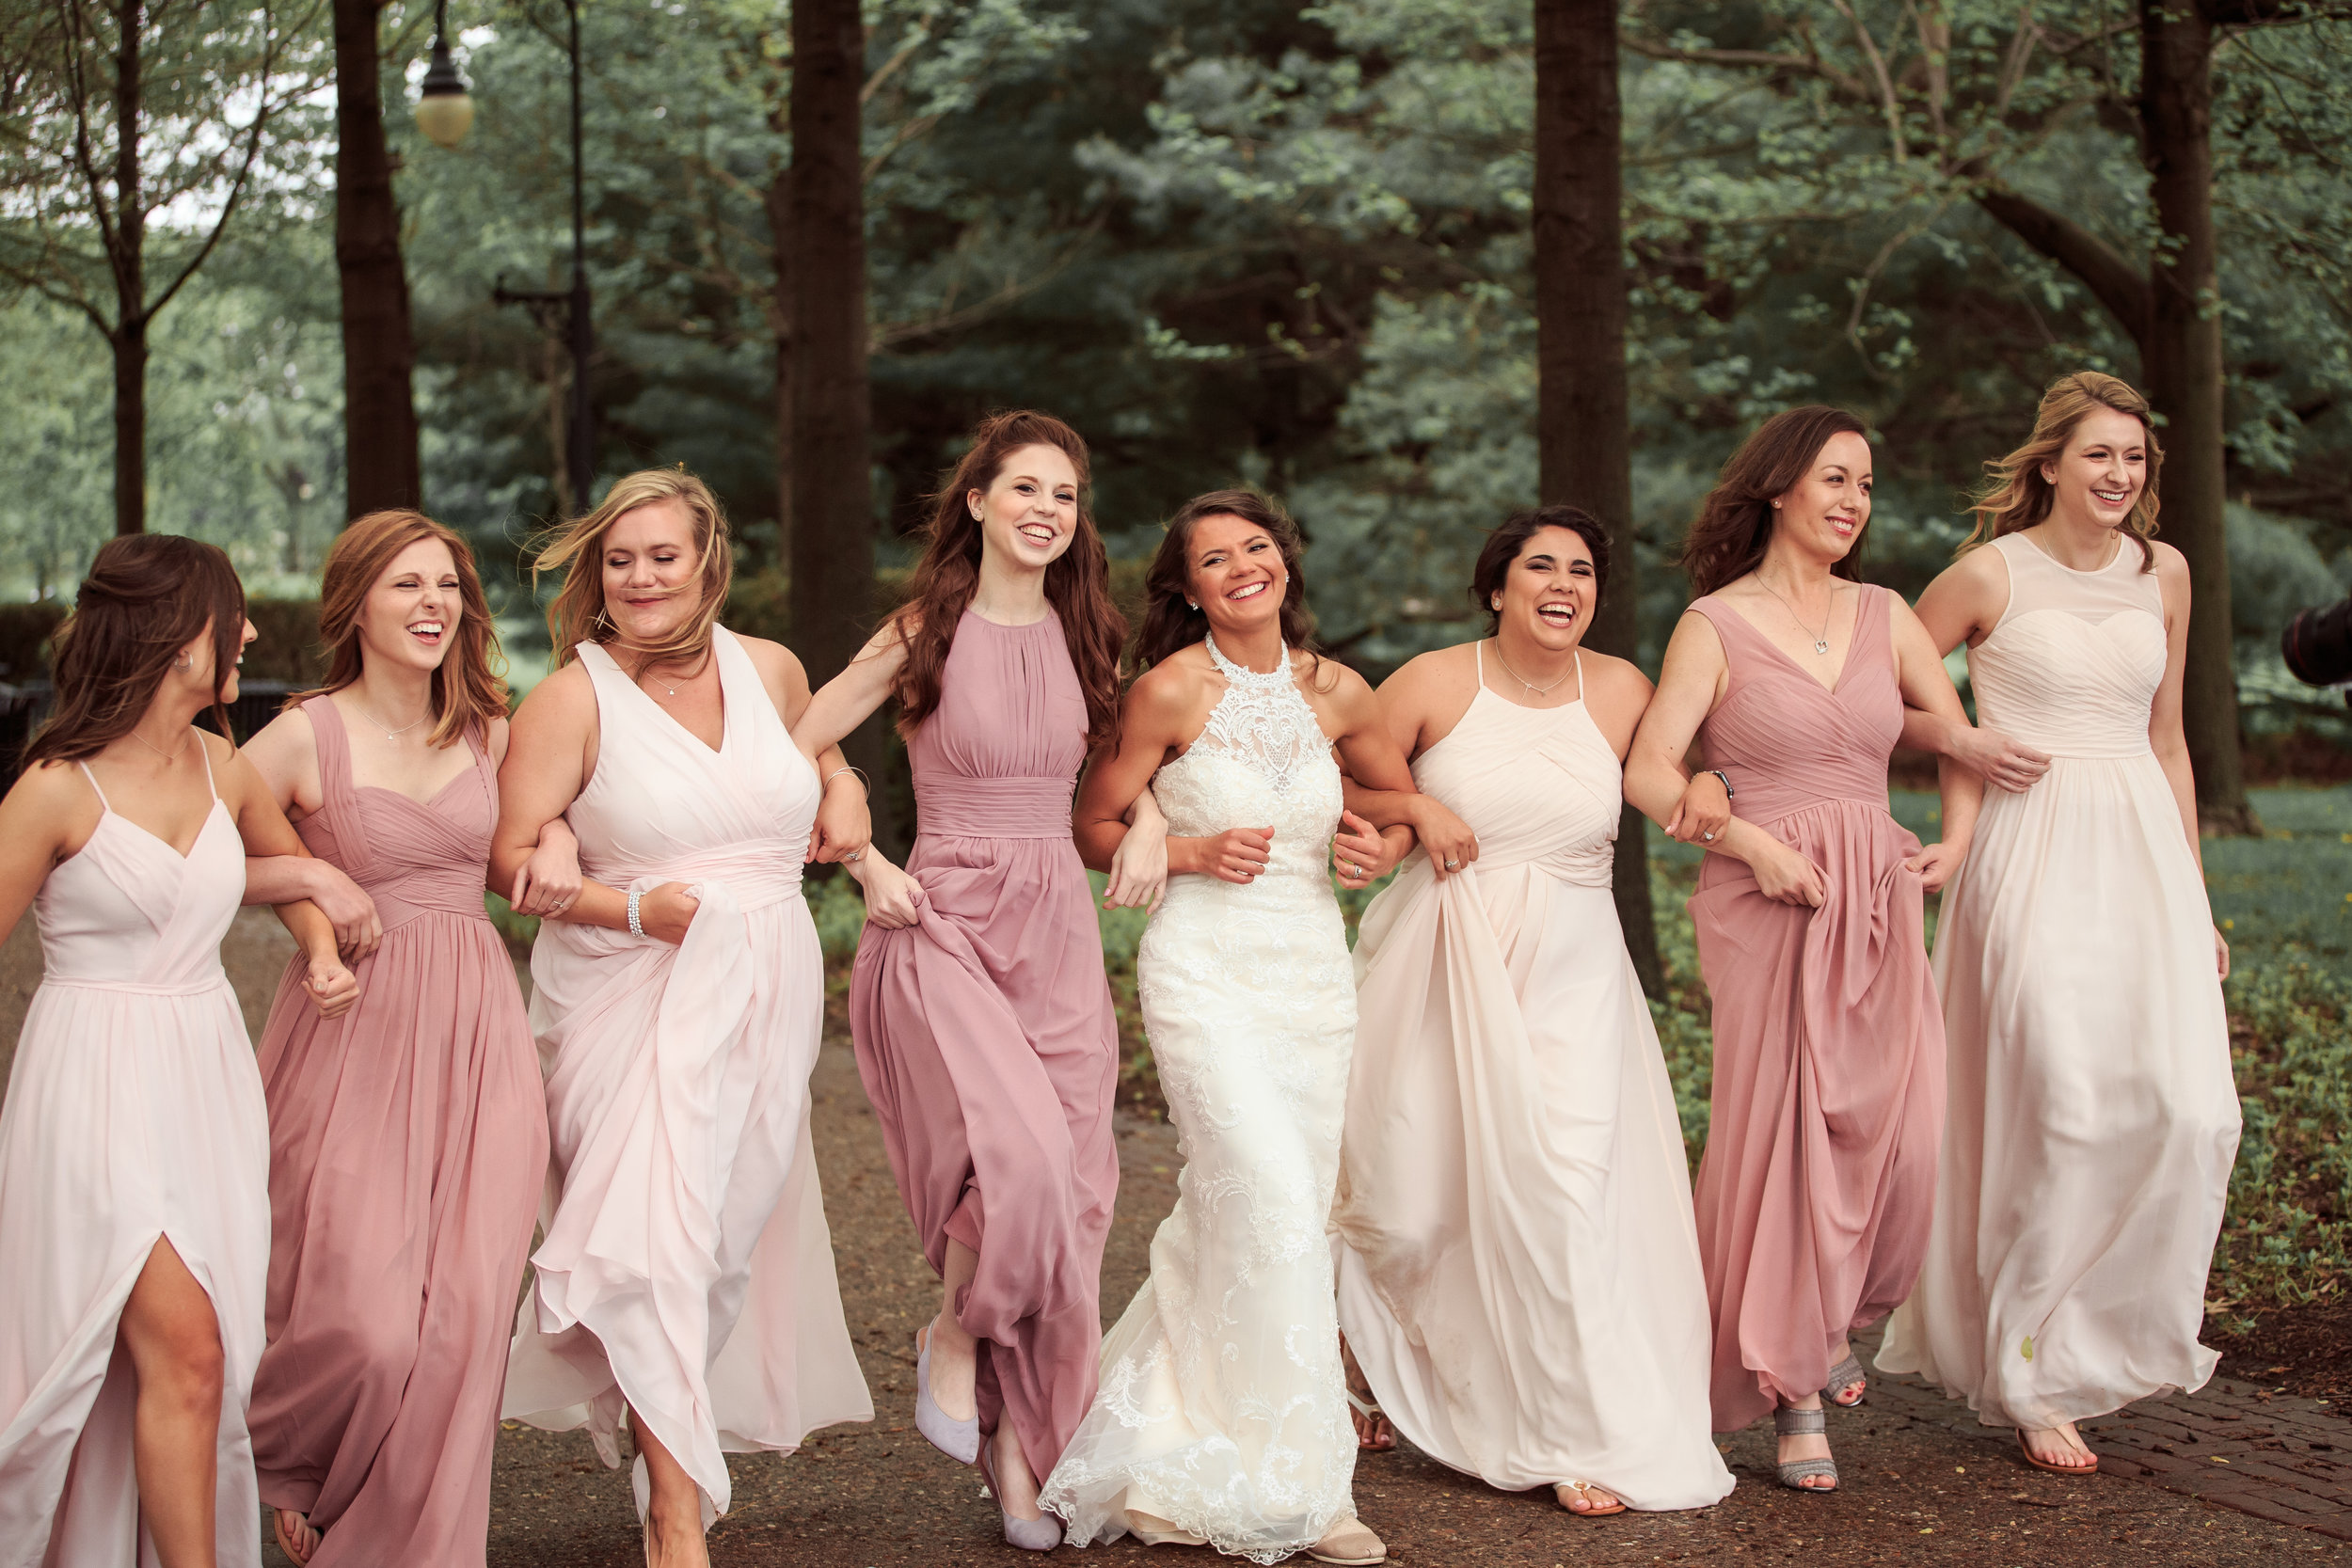 Fun-bridesmaids-skipping-laughing-wedding-photo.jpg